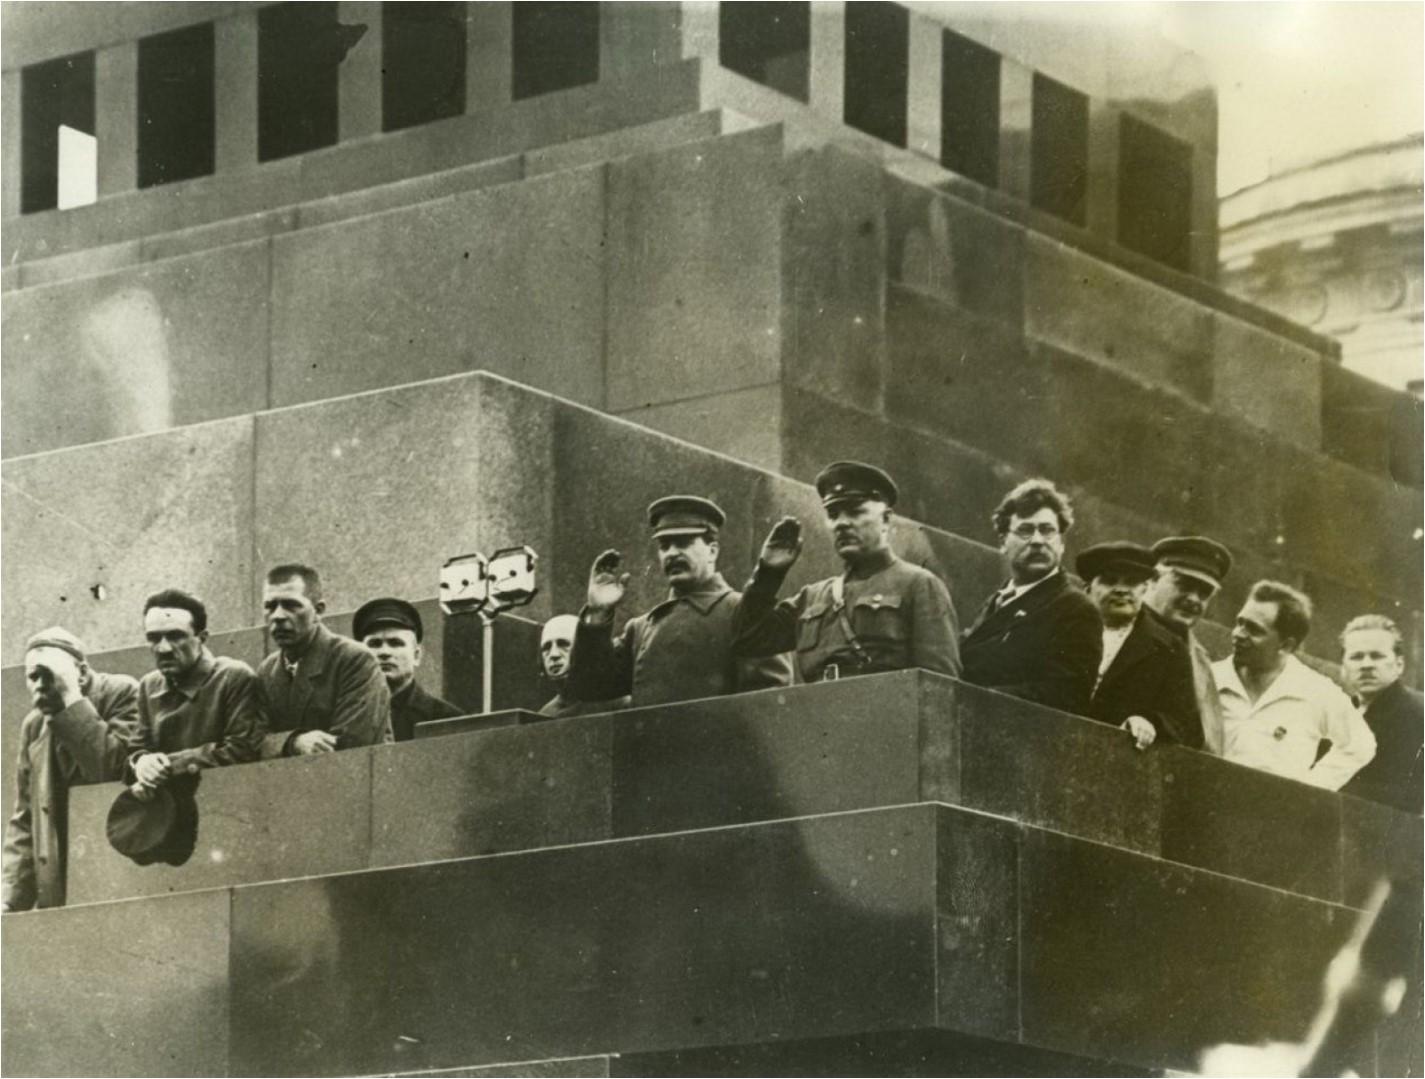 1932. Сталин, Горький, Бубнов, Ворошилов, Ярославский на трибуне Мавзолея